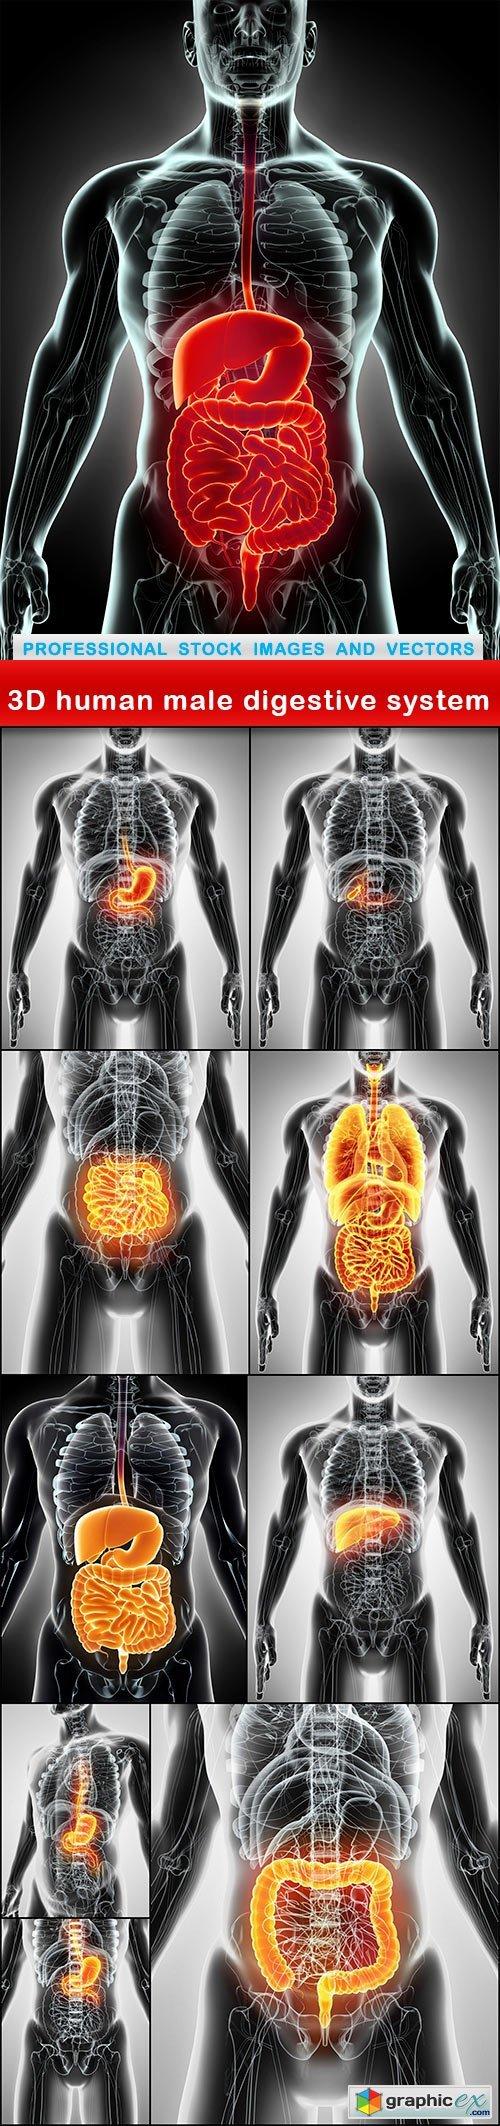 3D human male digestive system - 10 UHQ JPEG